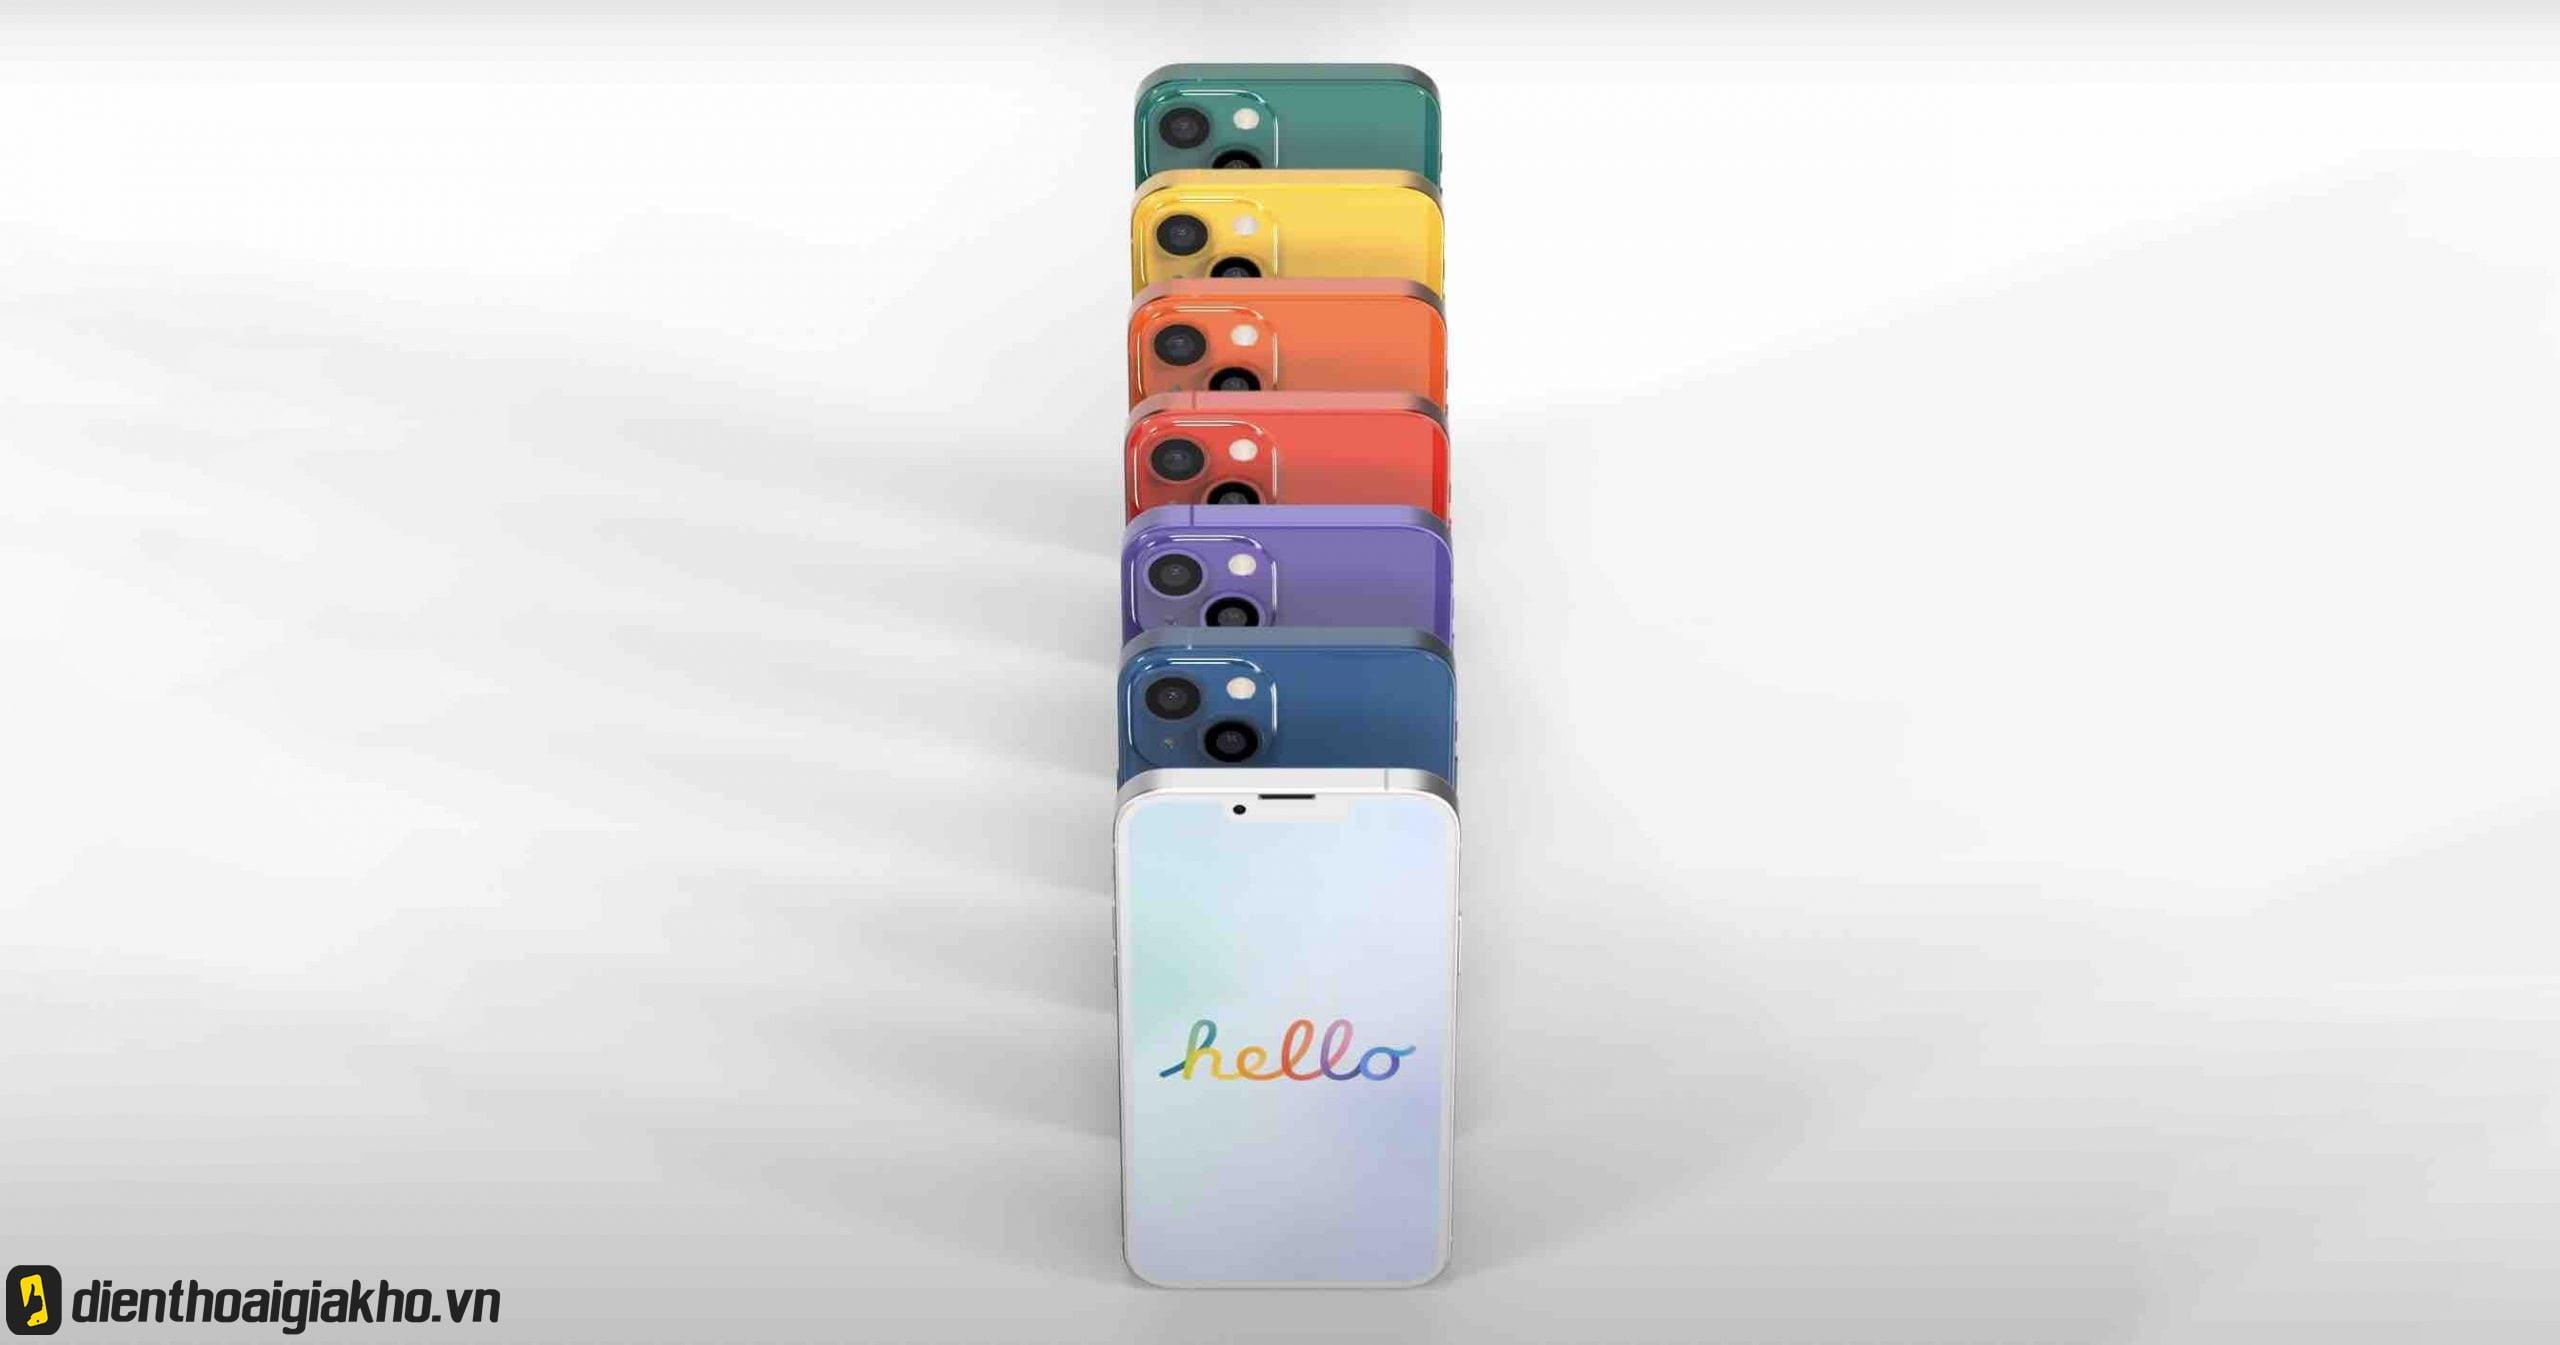 Phiên bản iphone 13 mới, vẫn giữ các màu ở phiên bản màu iphone 12.